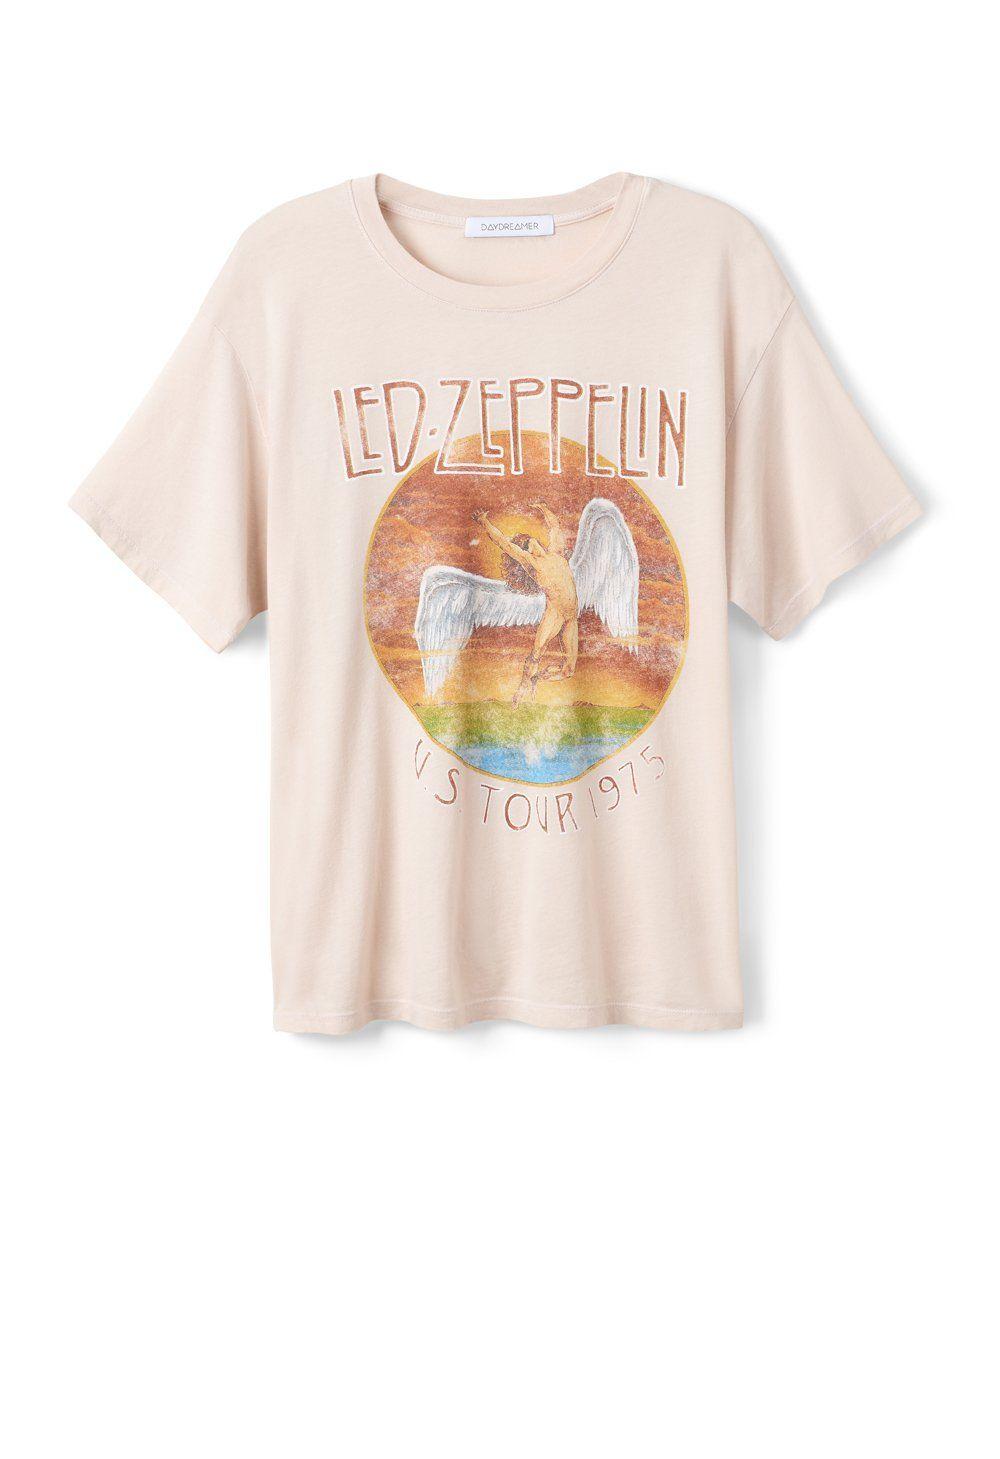 c0246faa9 Led Zeppelin Tour 1975 Boyfriend Tee Online Exclusive-SHORT  SLEEVE-DAYDREAMER-LA